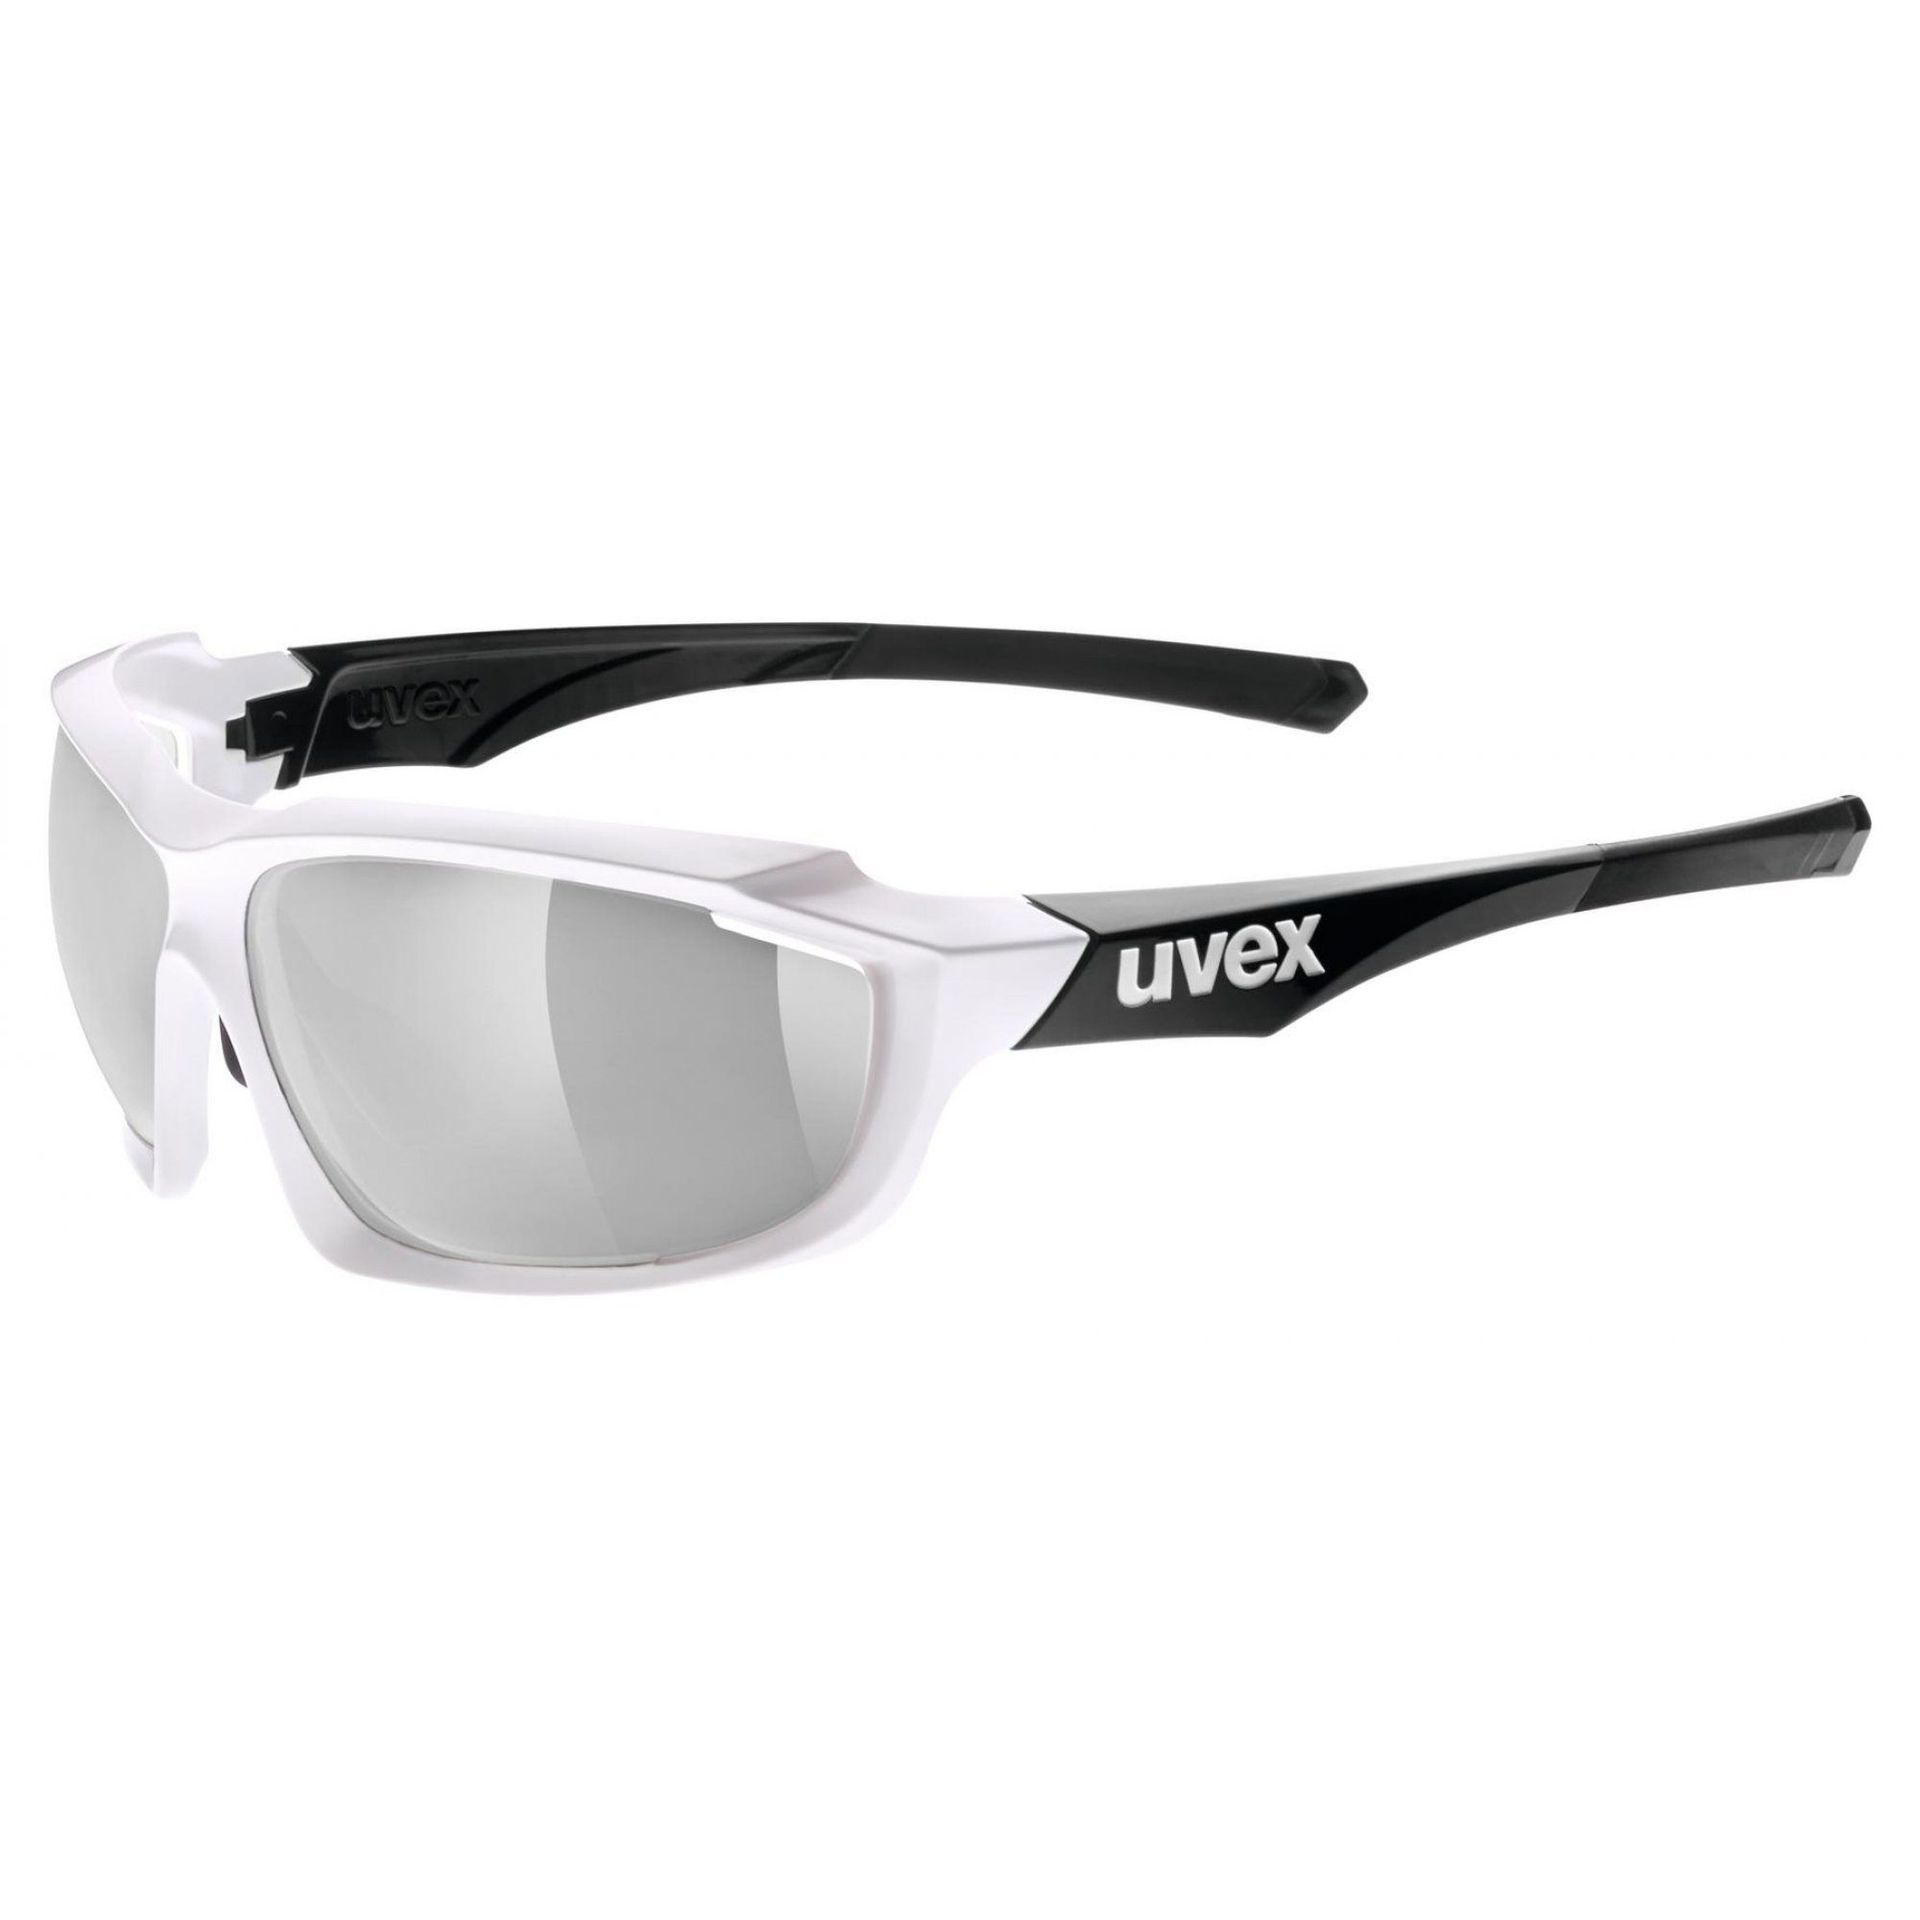 OKULARY UVEX SPORTSTYLE 710 VM WHITE BLACK